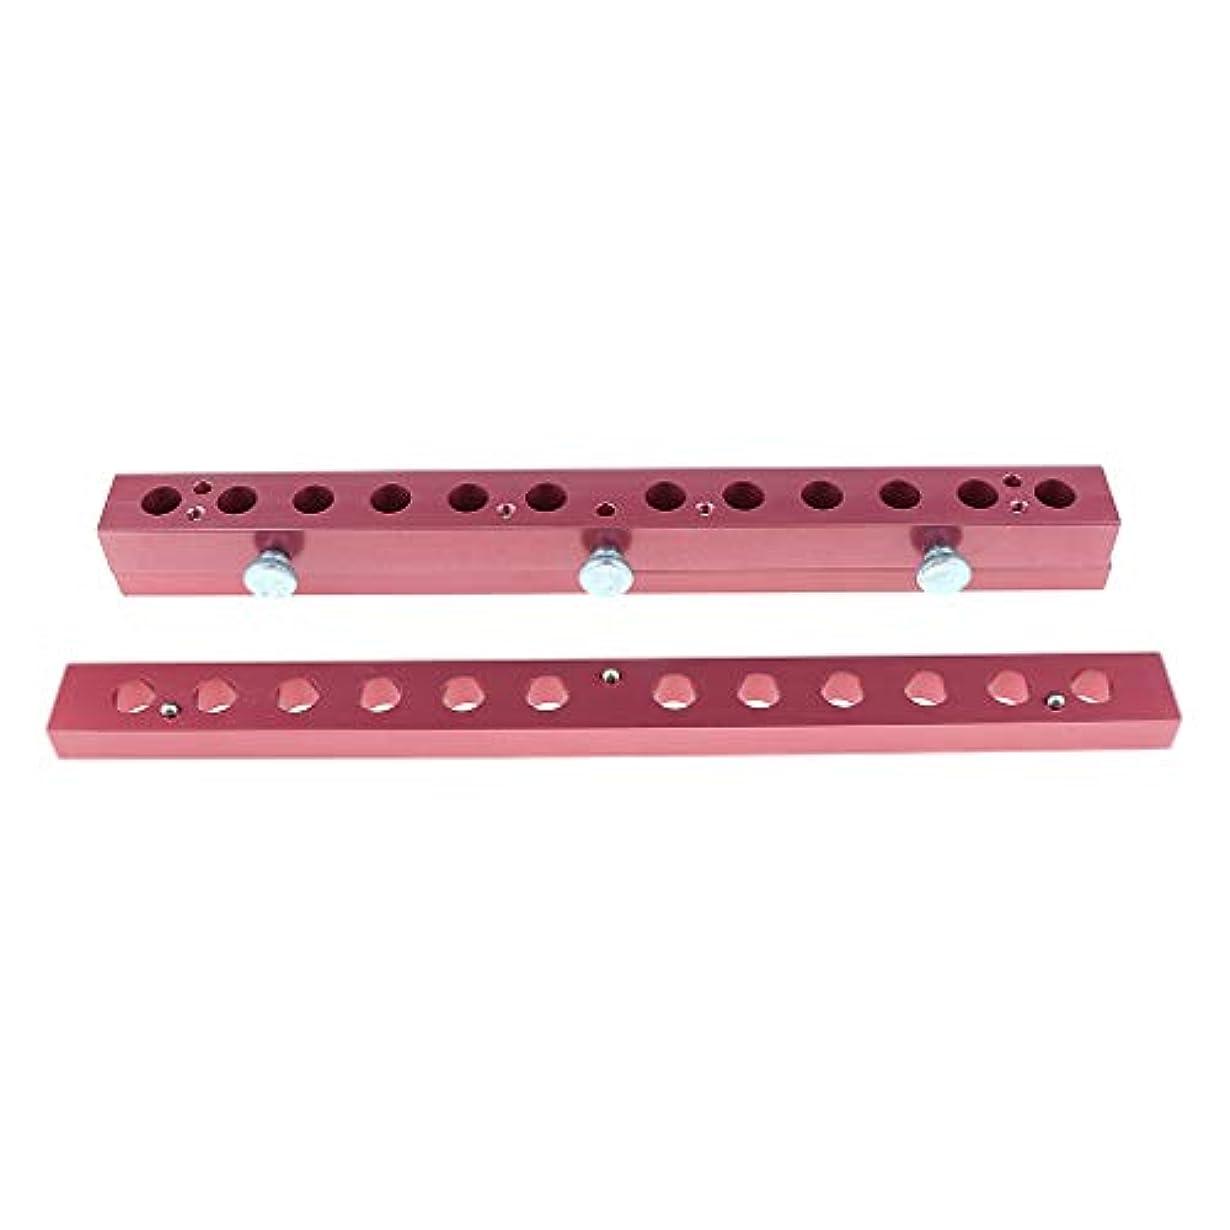 ワーディアンケース前述の感覚12のキャビティ穴の口紅型アルミニウム12.1mmの管DIYの唇型の詰物 - 2way